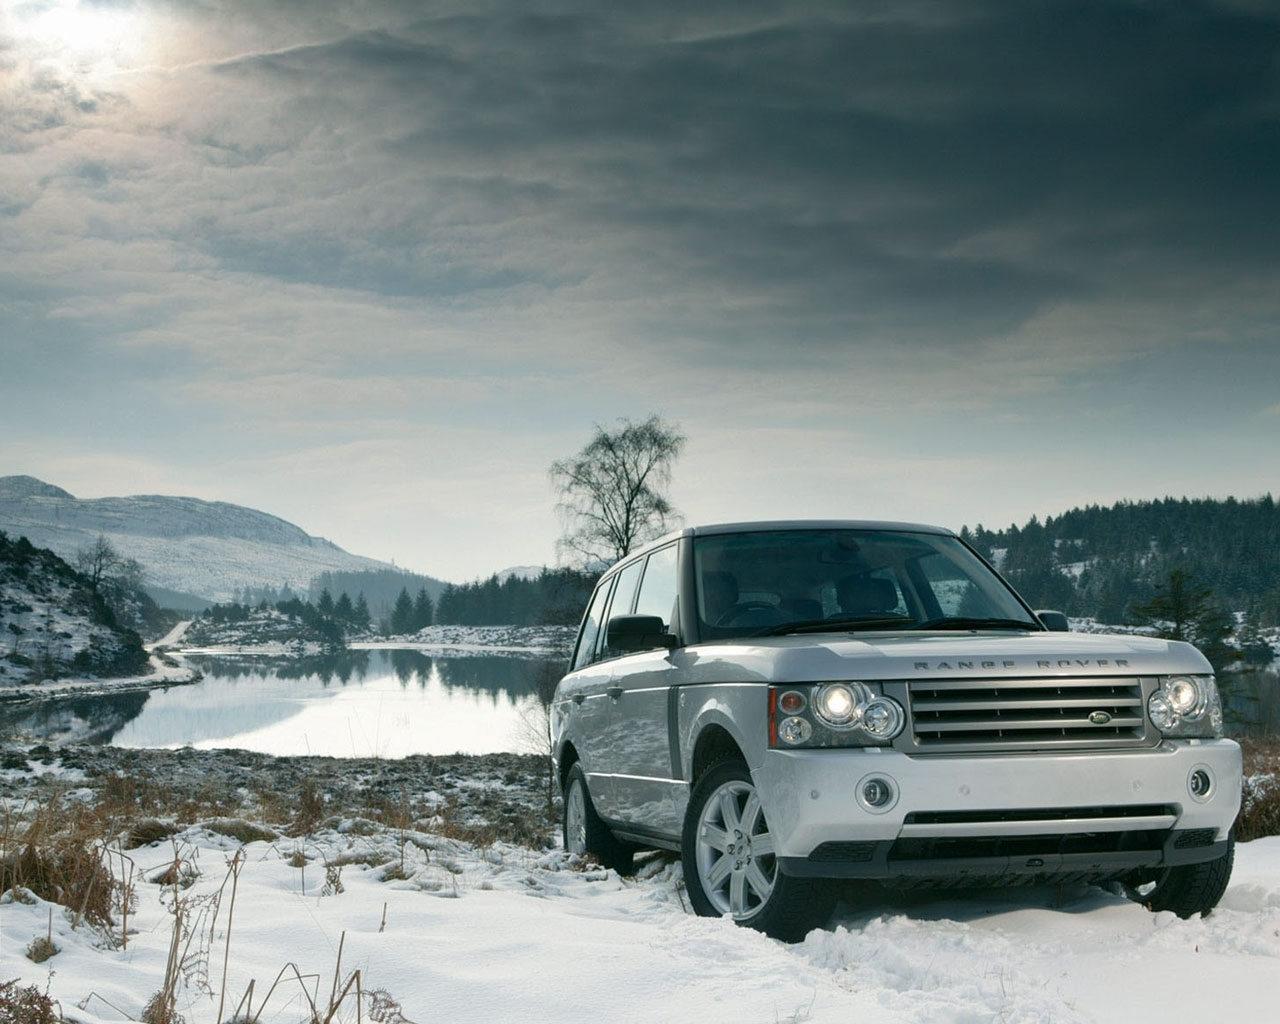 9098 скачать обои Транспорт, Машины, Рендж Ровер (Range Rover) - заставки и картинки бесплатно